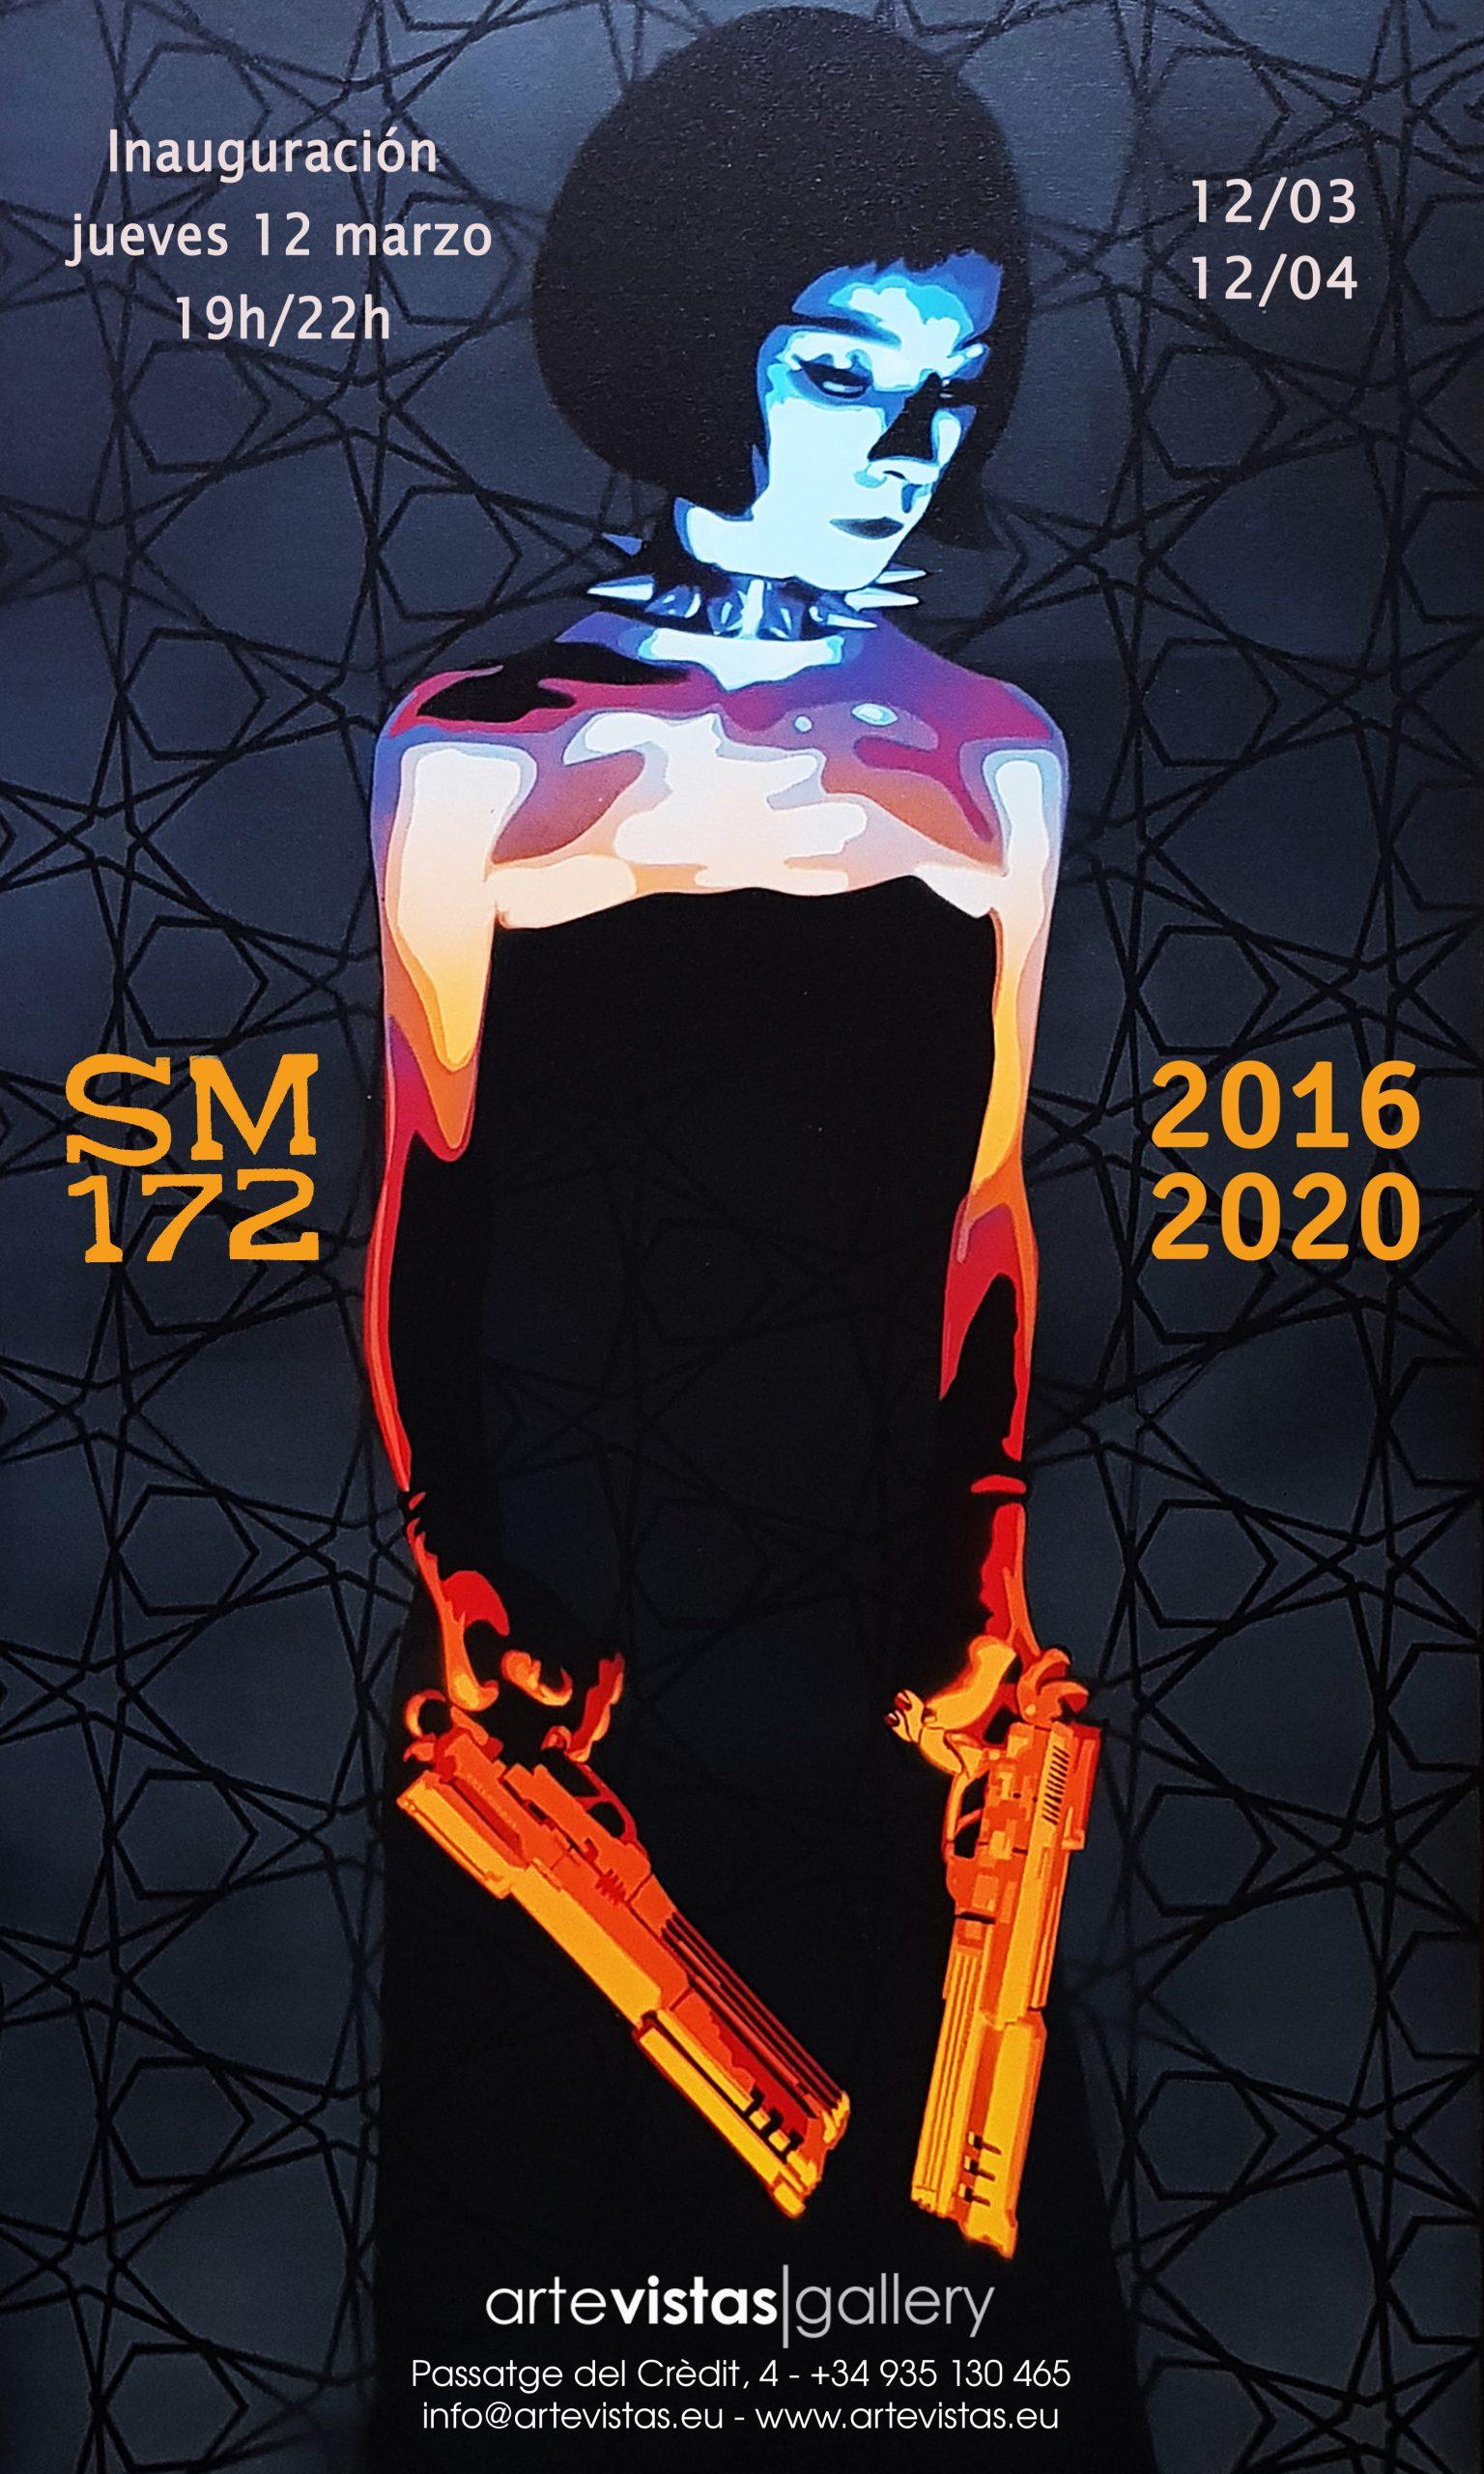 SM172 & MUGRAFF 2016-2020